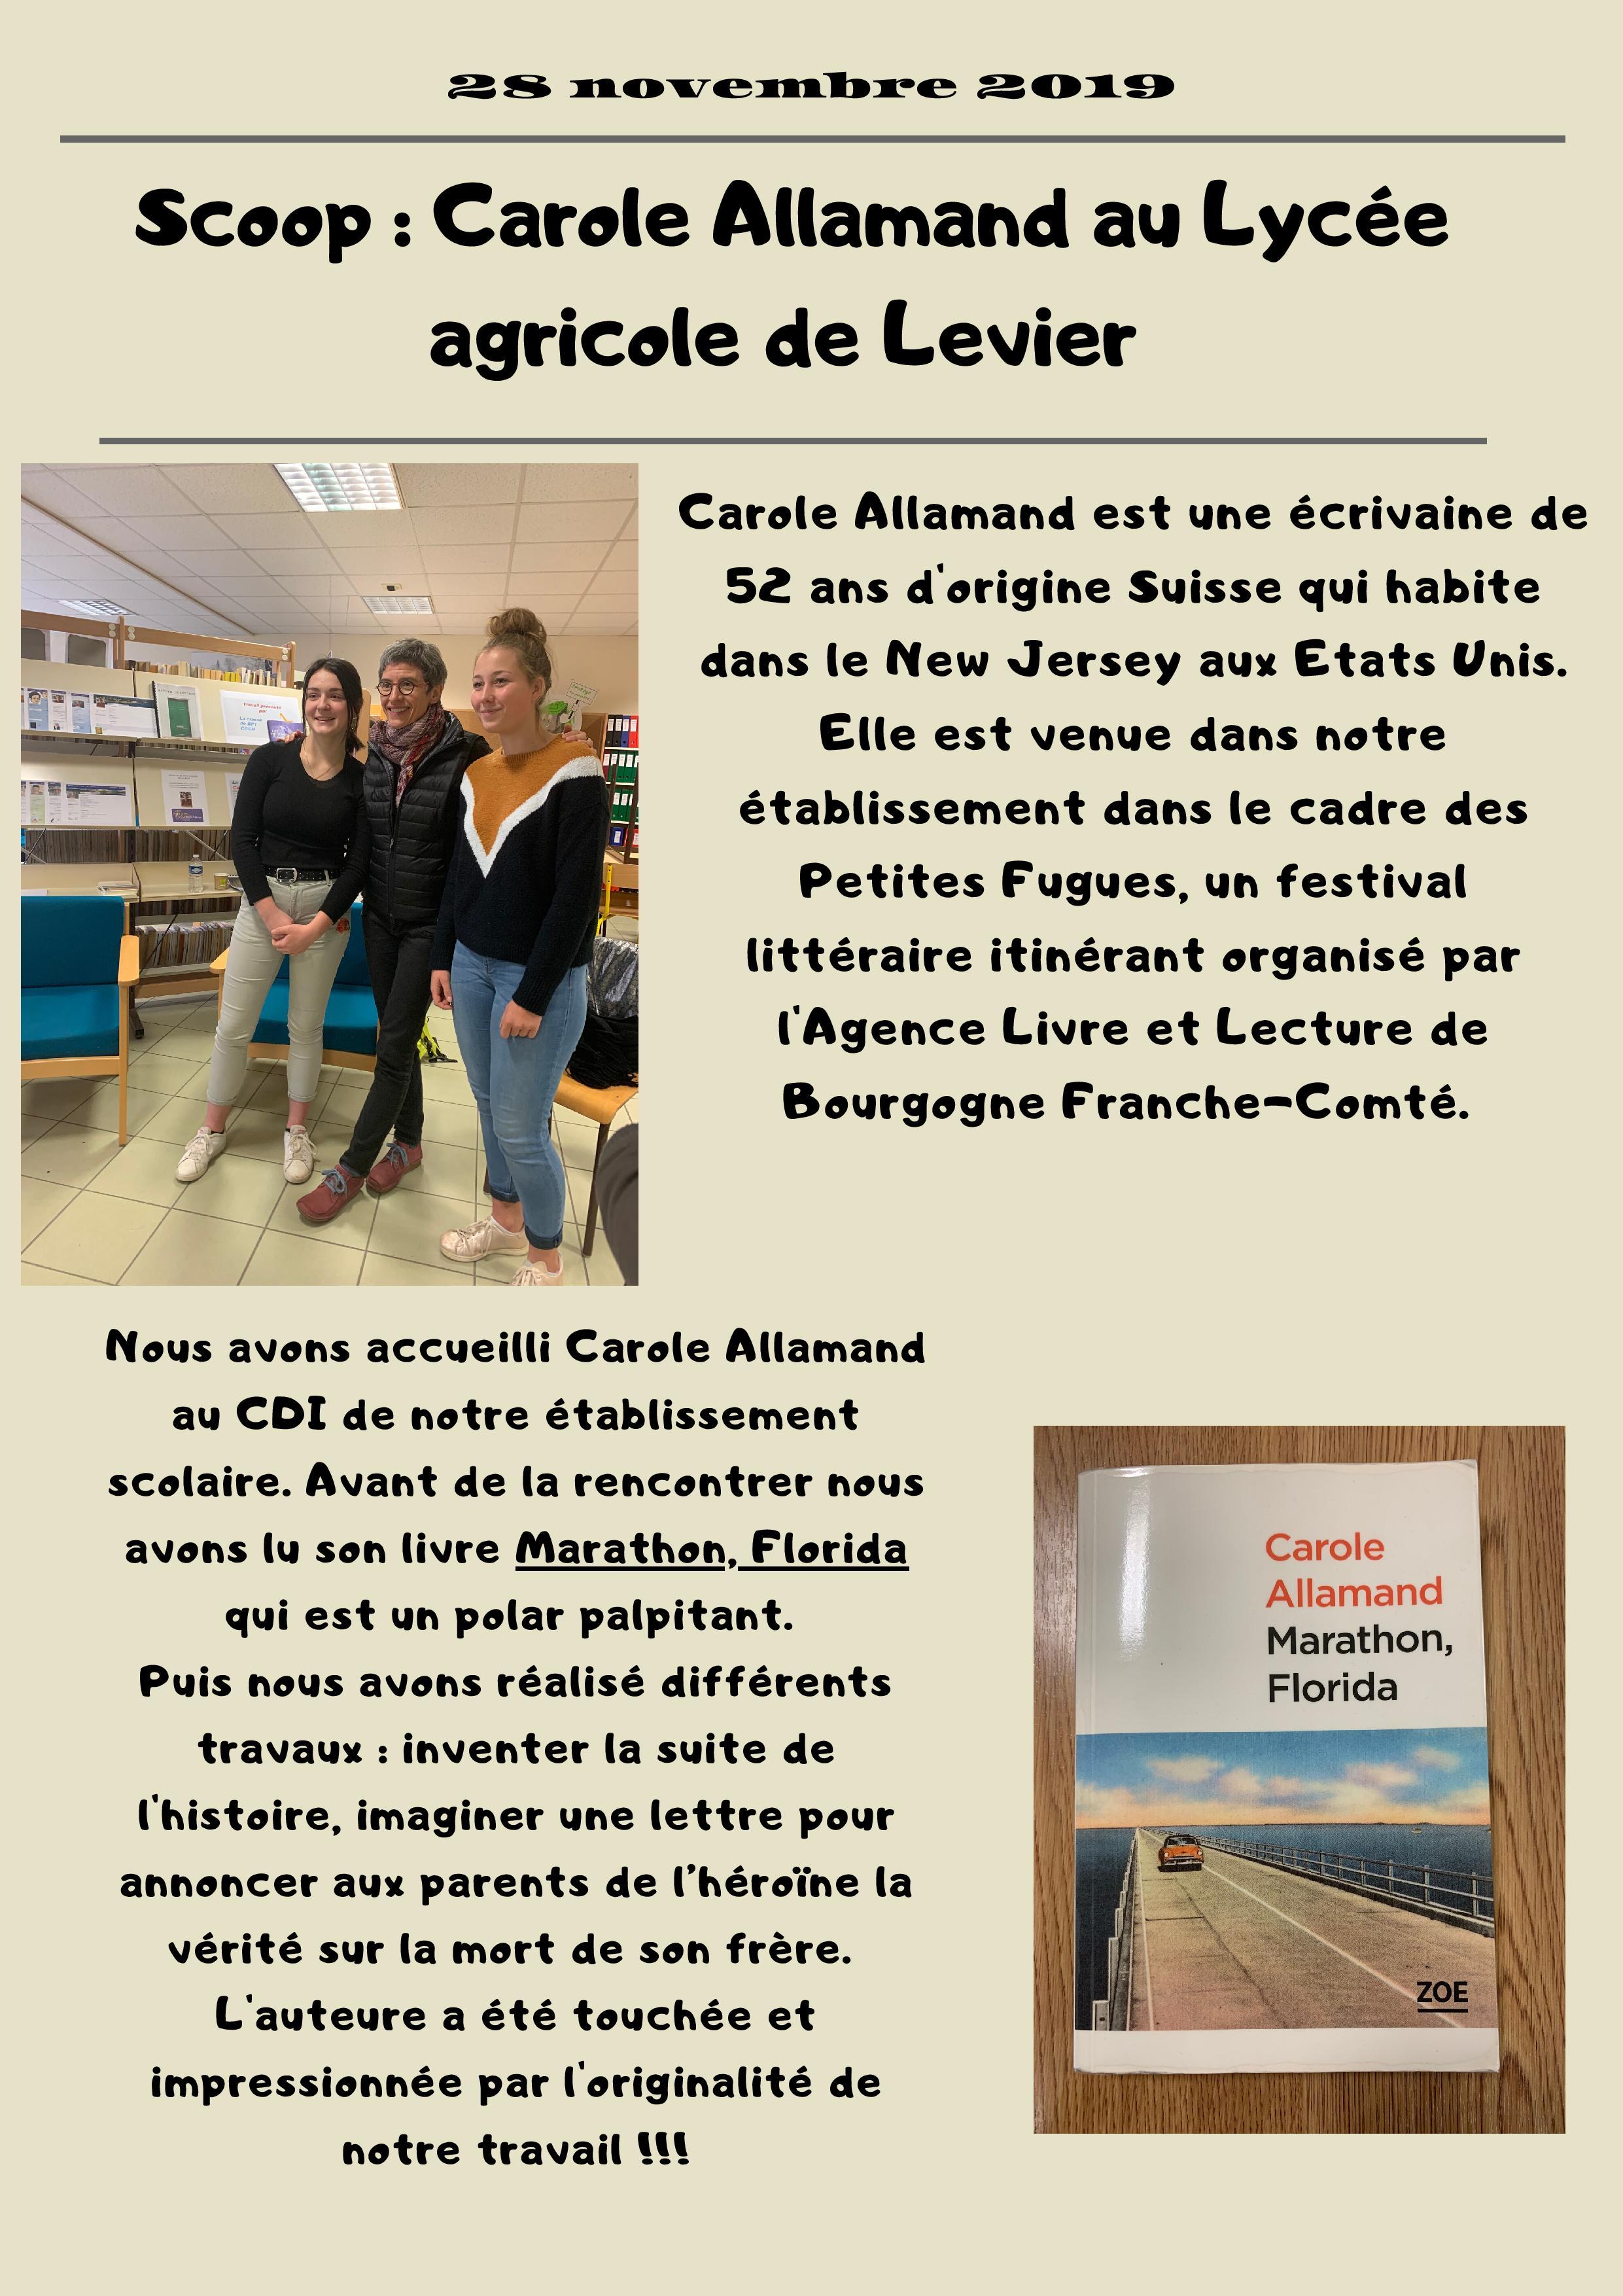 Festival des petites fugues : Carole Allamand au LATP LaSalle de Levier